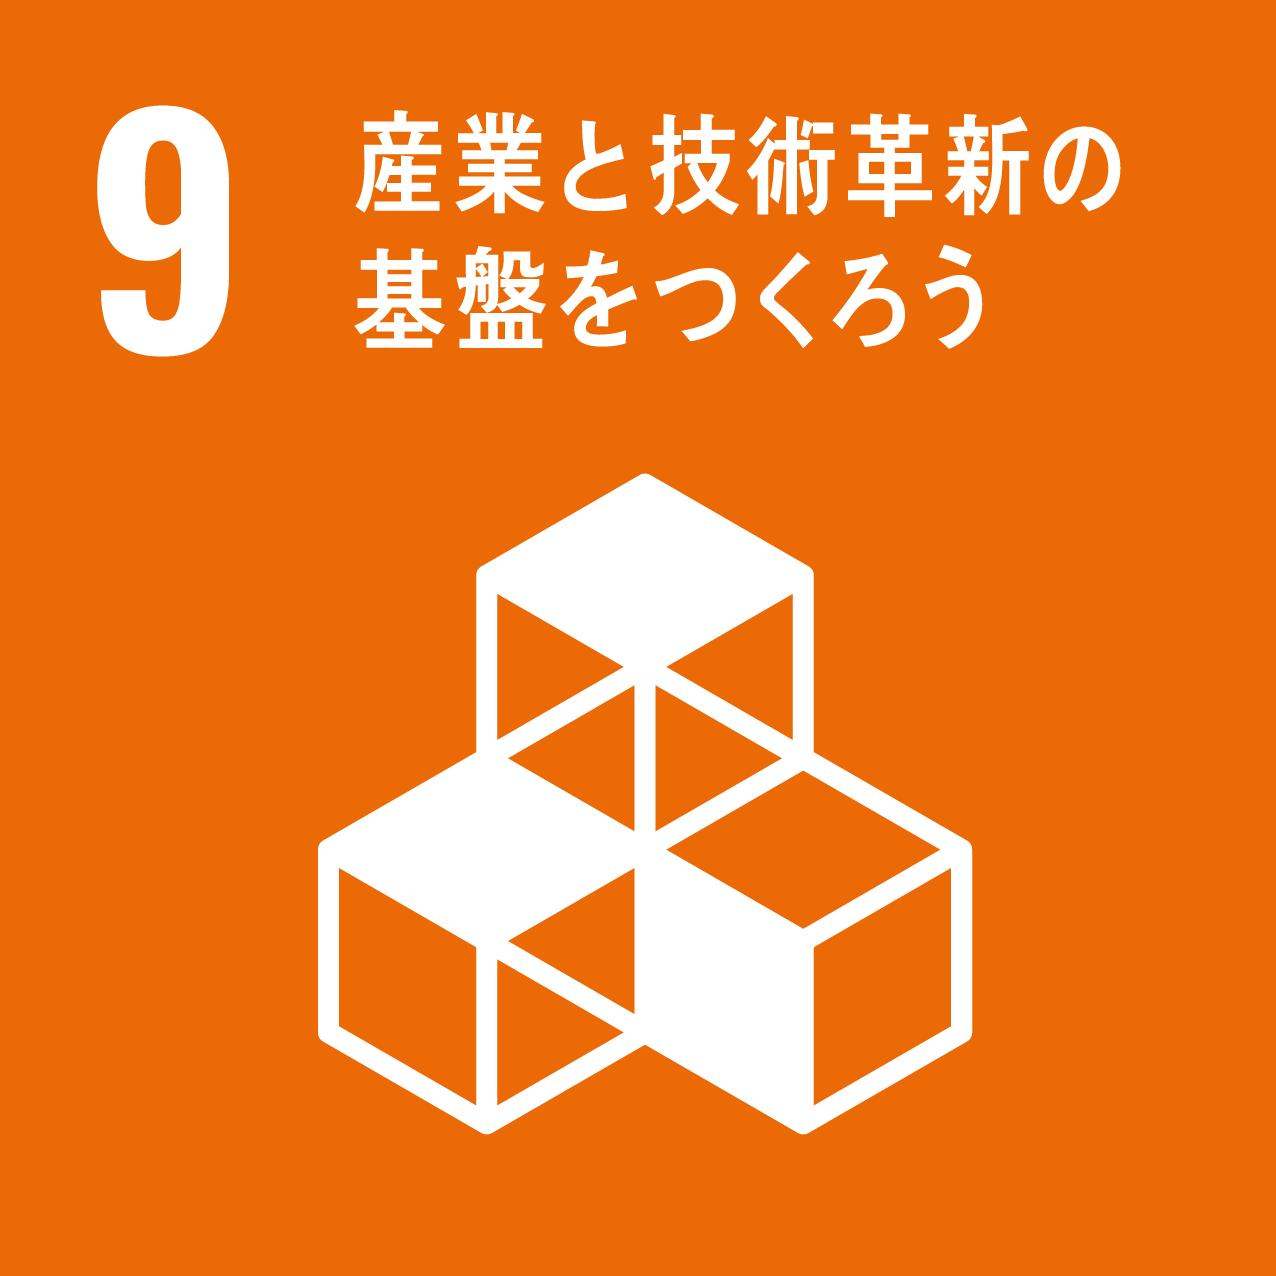 は エスディー ジーズ と 【SDGsへの取り組み】個人でもできることを紹介!